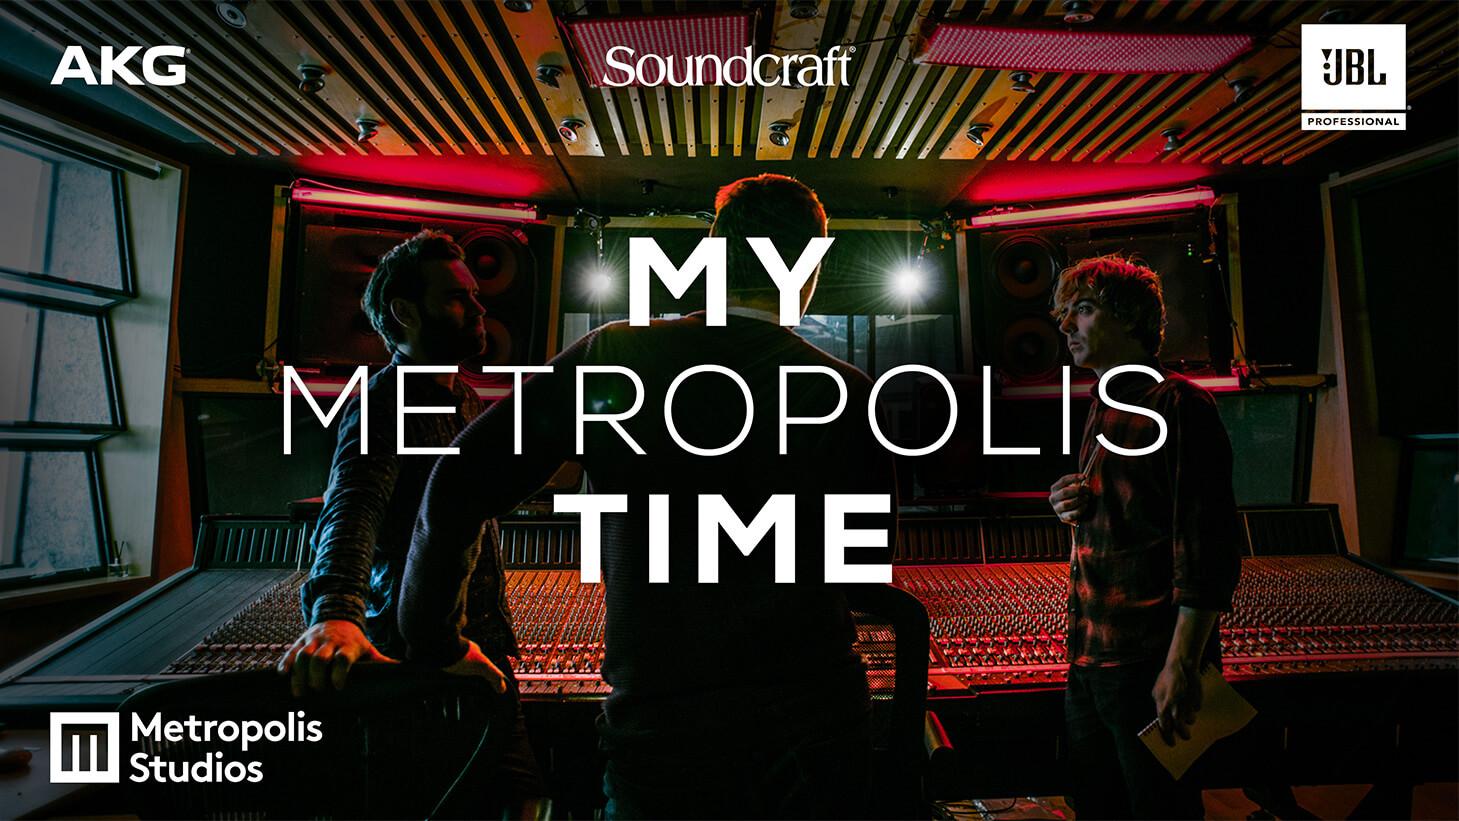 My Metropolis time